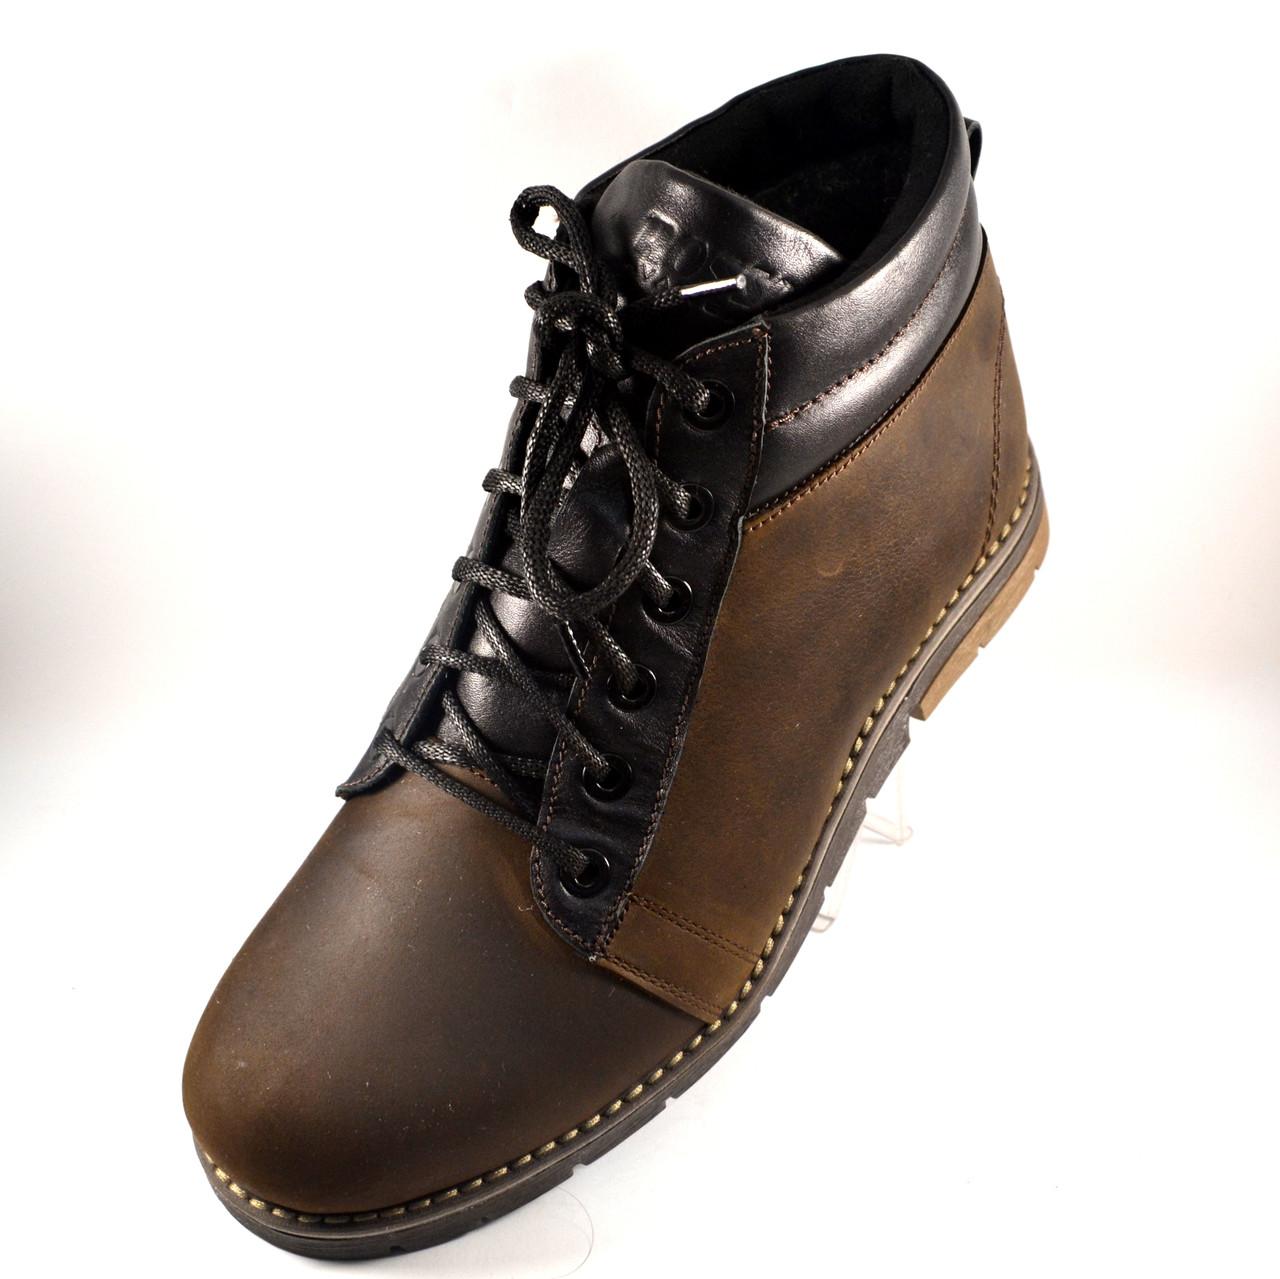 Коричневые зимние мужские ботинки Rosso Avangard. Bridge Mocha Brown кожаные